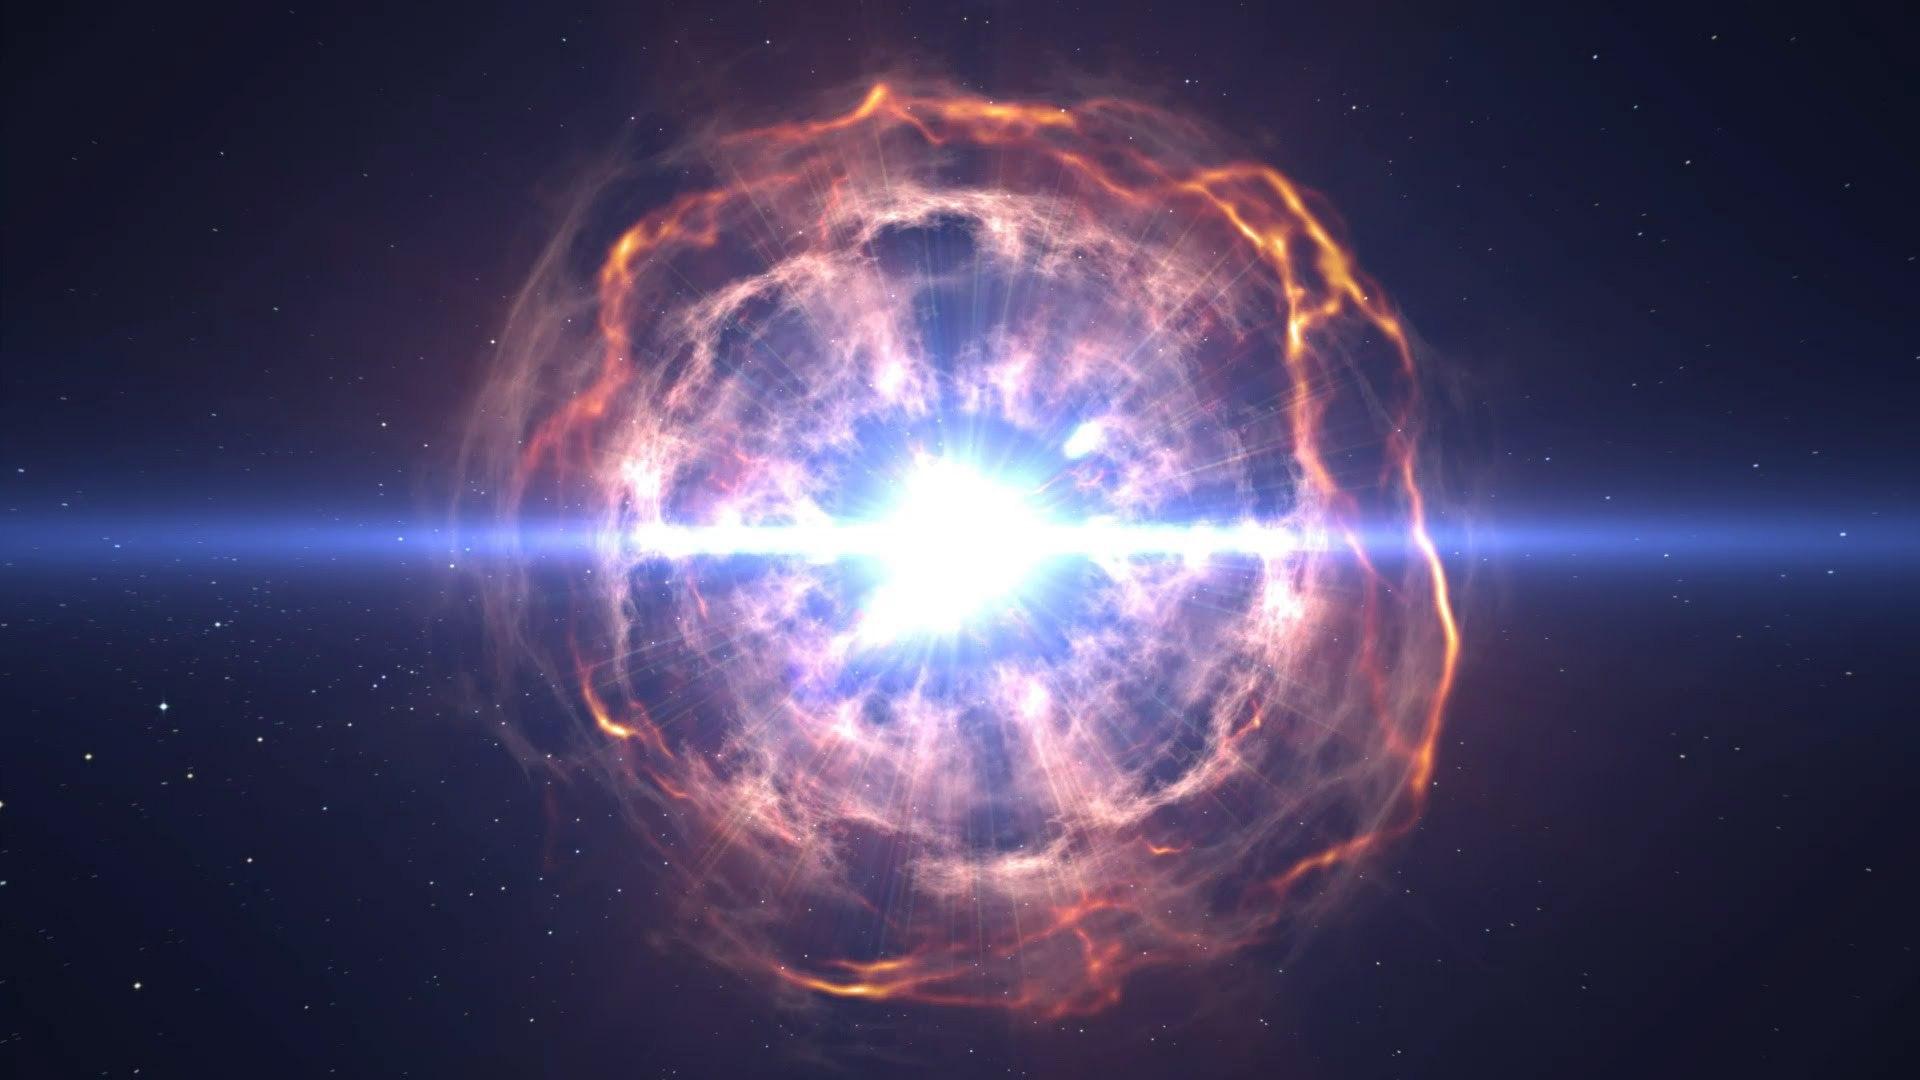 Астрономи відкрили найяскравішу наднову в історії, яка затьмарила власну галактику - зірка, галактика - 15 sverhnovaya 1